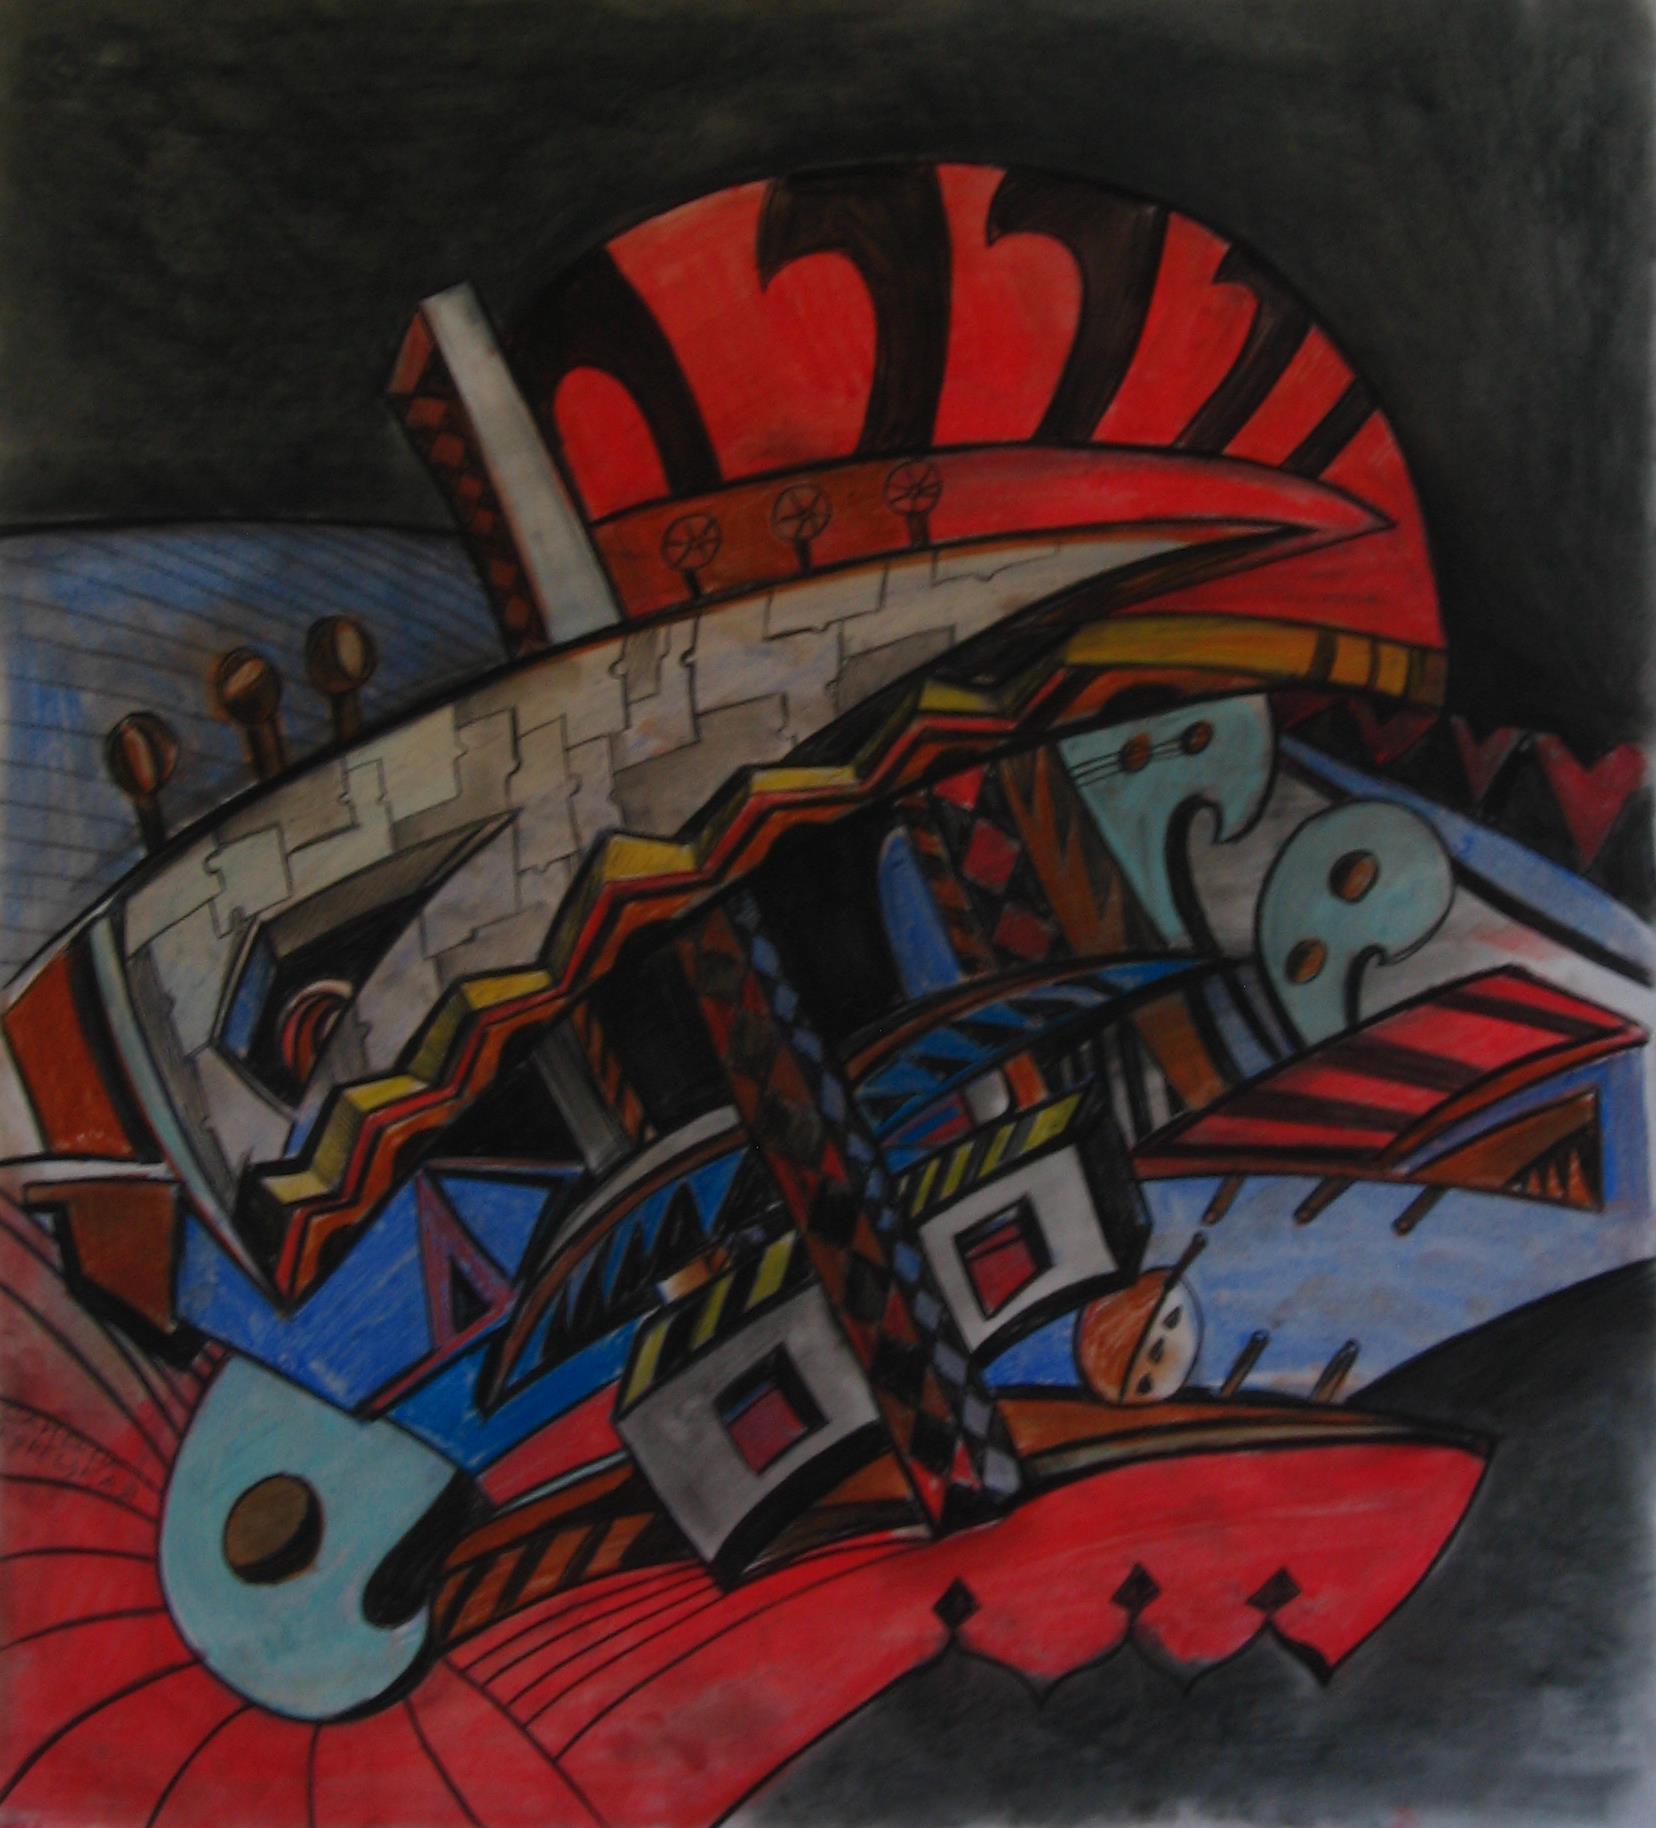 Сандра Корецкая.Притча о наших снах, размер 45х55 см., 2010, кар., пастель, 5000 рублей